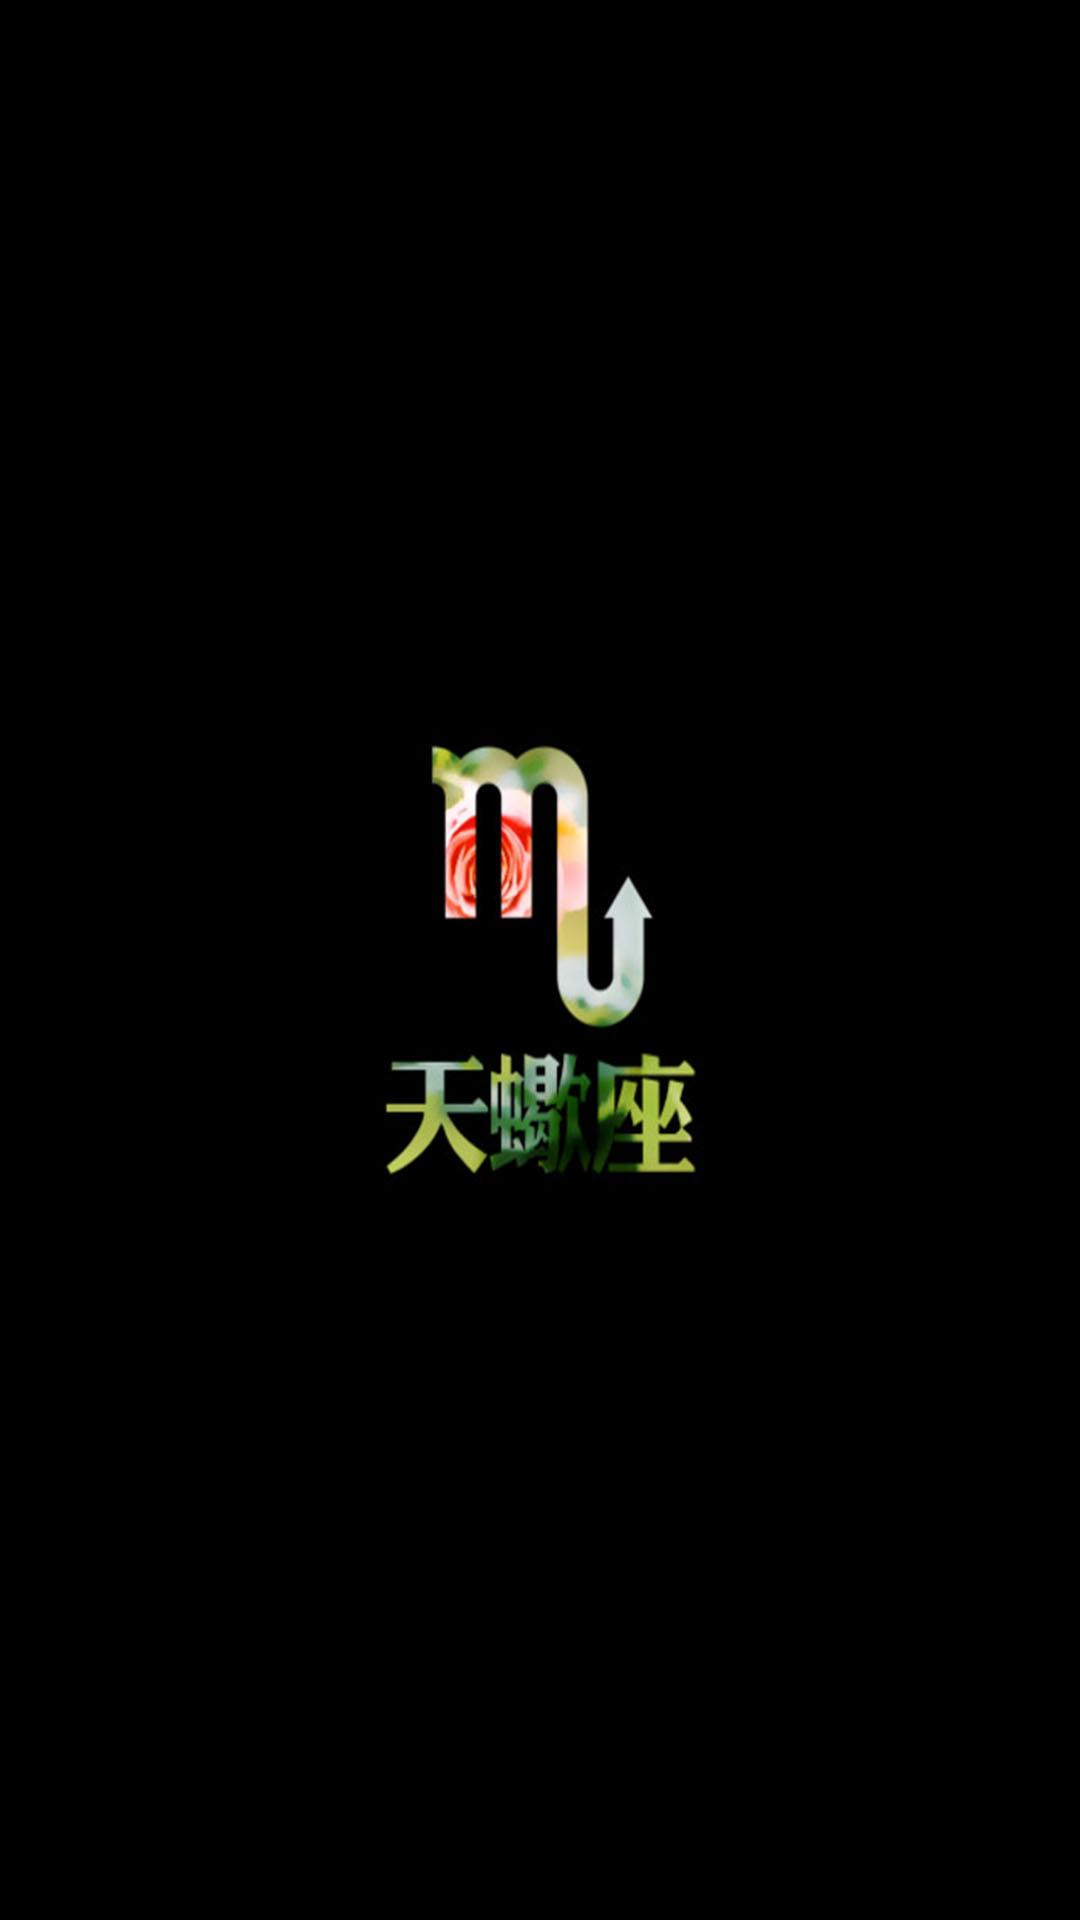 黑色背景 星座标志 天蝎座 苹果手机高清壁纸 1080x图片